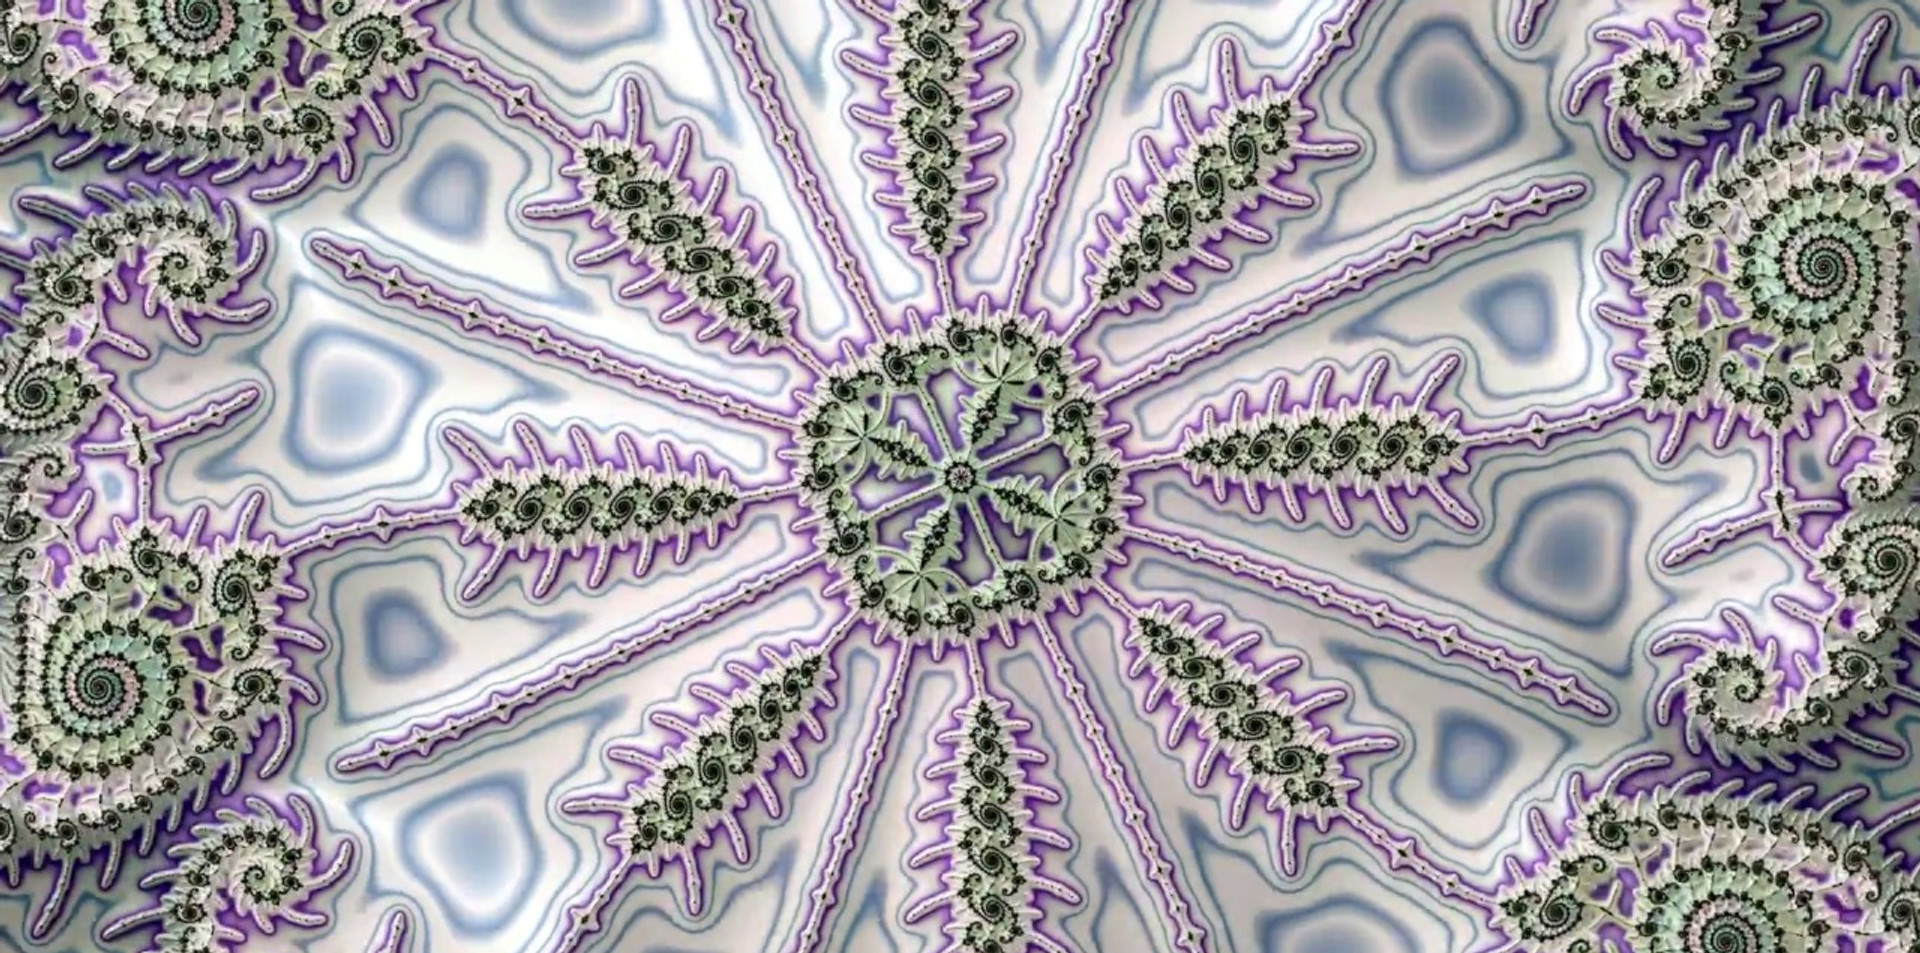 Mztydx - Extrait d'un Zoom Mandelbrot Double Coloration